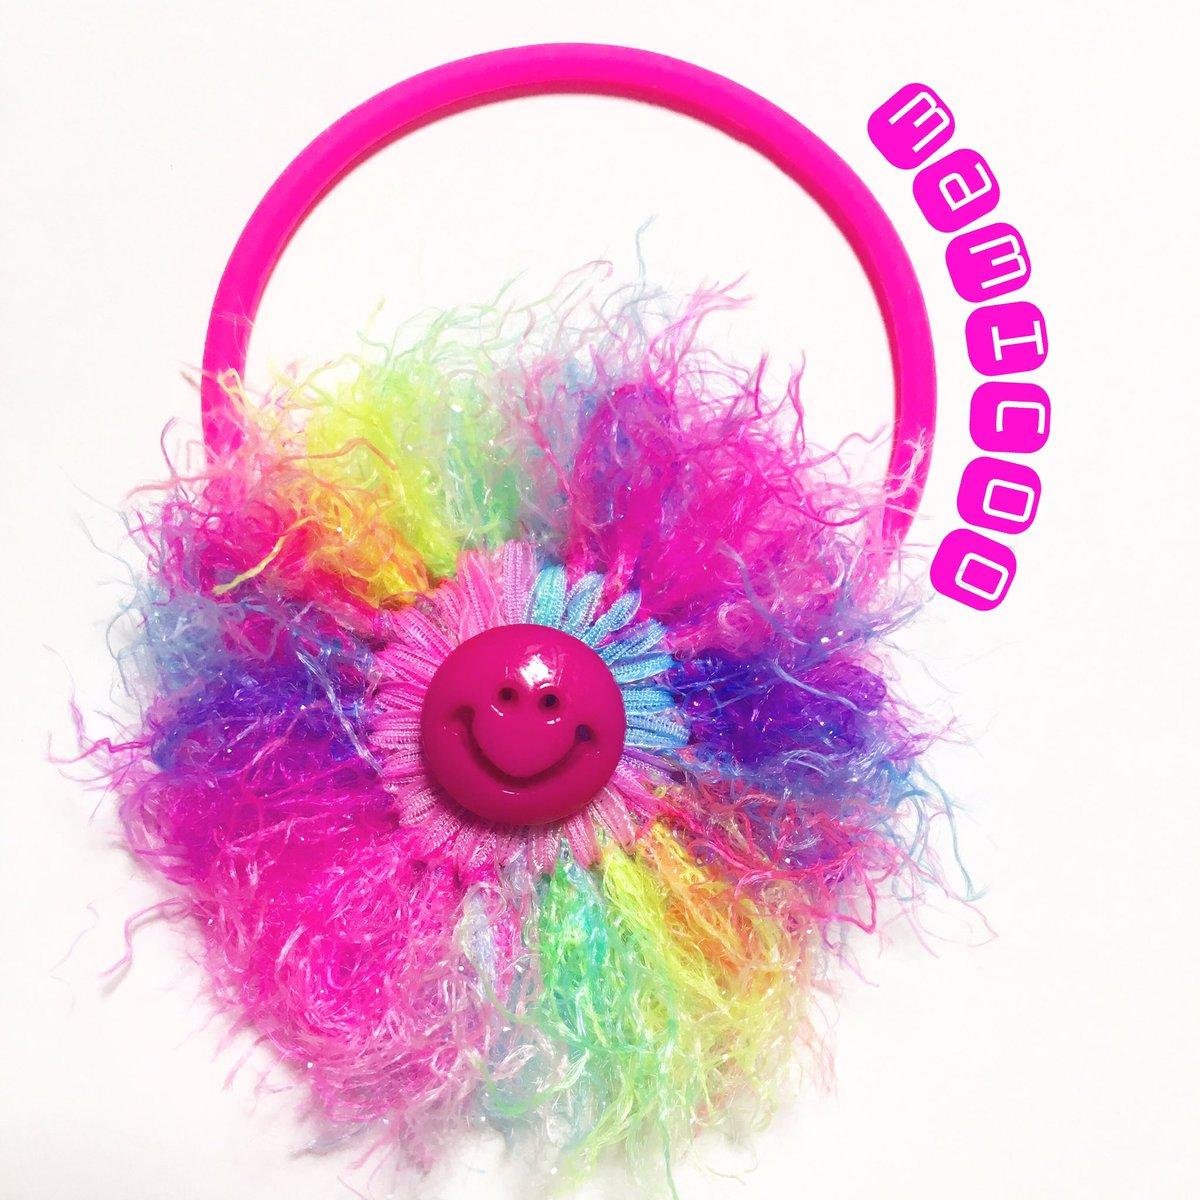 test ツイッターメディア - *. ピンク!pink!ぴんく! . . 結構大きいのに軽いよー? 明日からこれで髪しばる( °???°)?? ゴムは最近よく使っている、セリアのシリコンゴム? 切れないし伸びないし好き?? . . . #手染め糸 #ファー #ヘアゴム #ニコちゃん #ピンク #ぴんく #pink #ハンドメイド #セリア https://t.co/JAJSBvxJBI